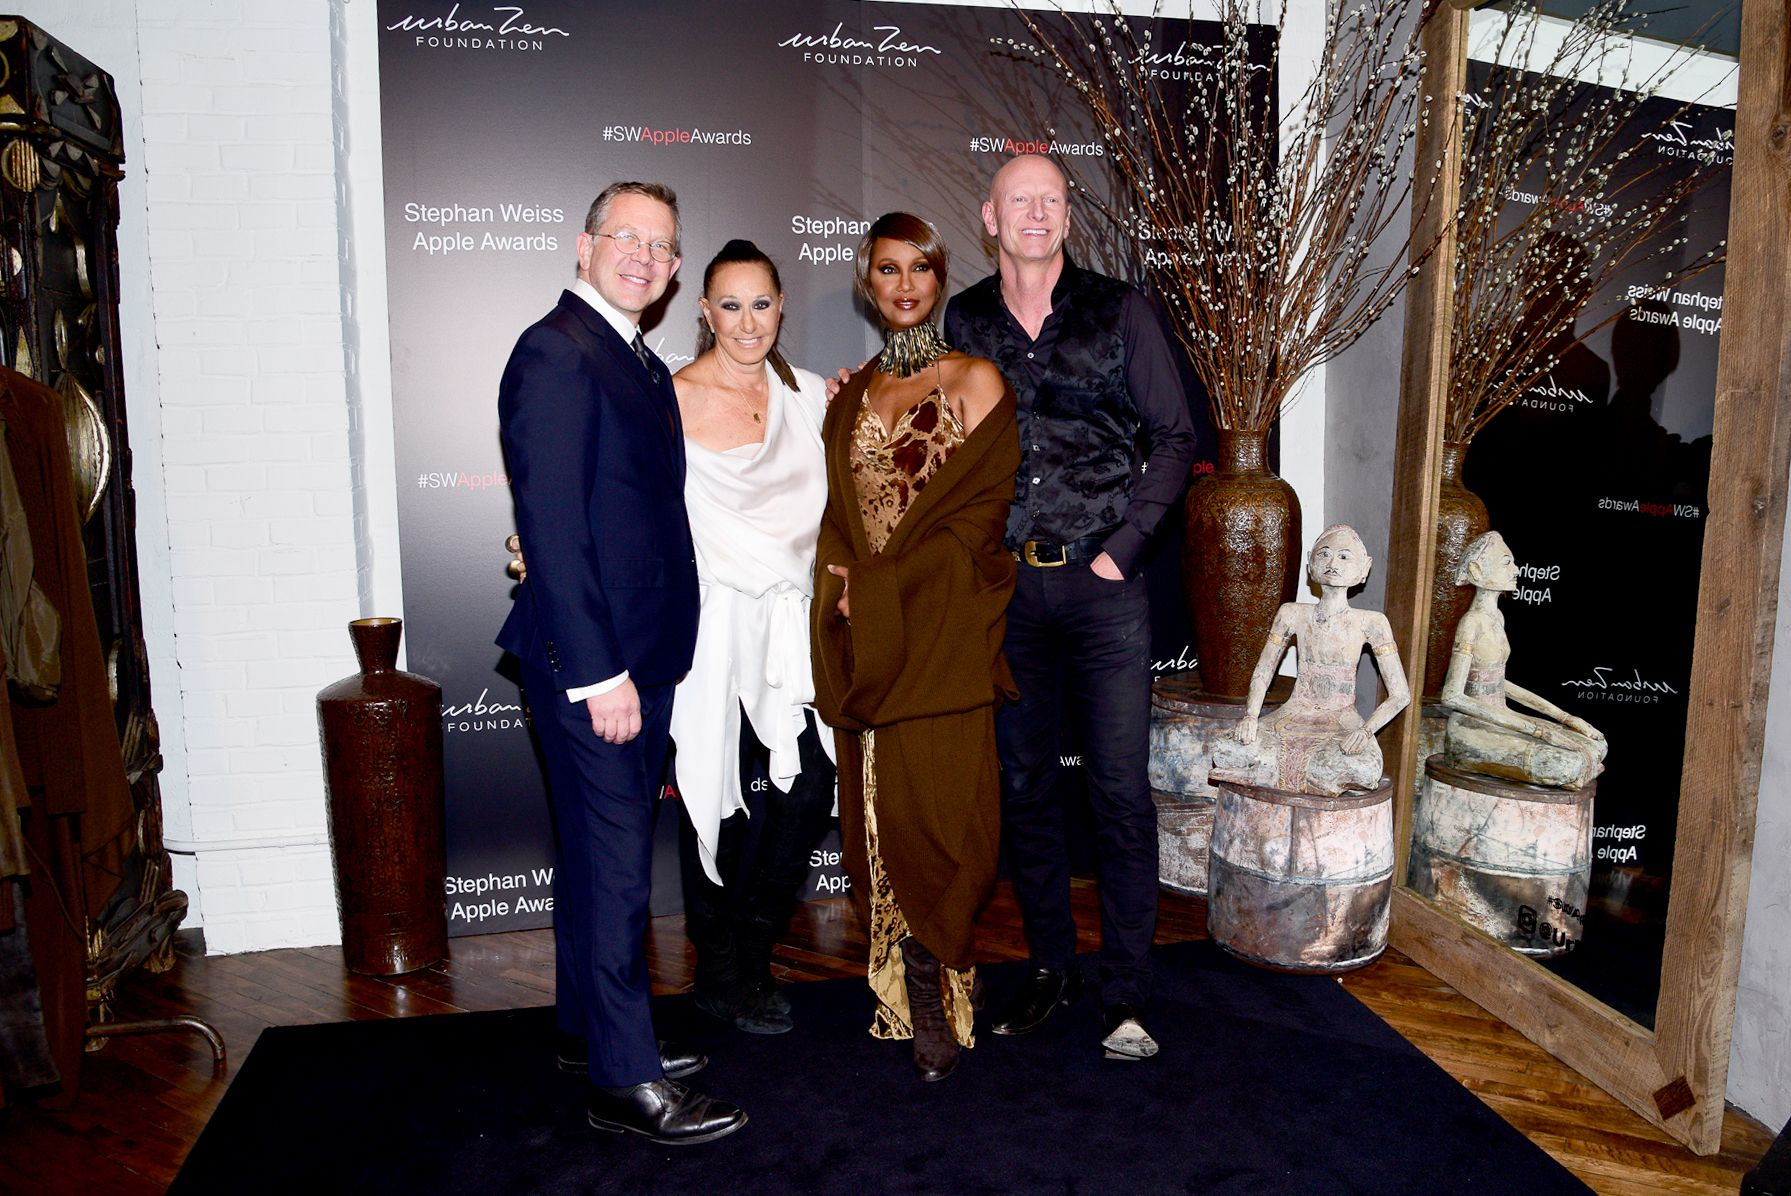 Joel Towers, Donna Karan, Iman, Jimmy NelsonStephan Weiss Apple Awards, New York, USA - 24 Oct 2018